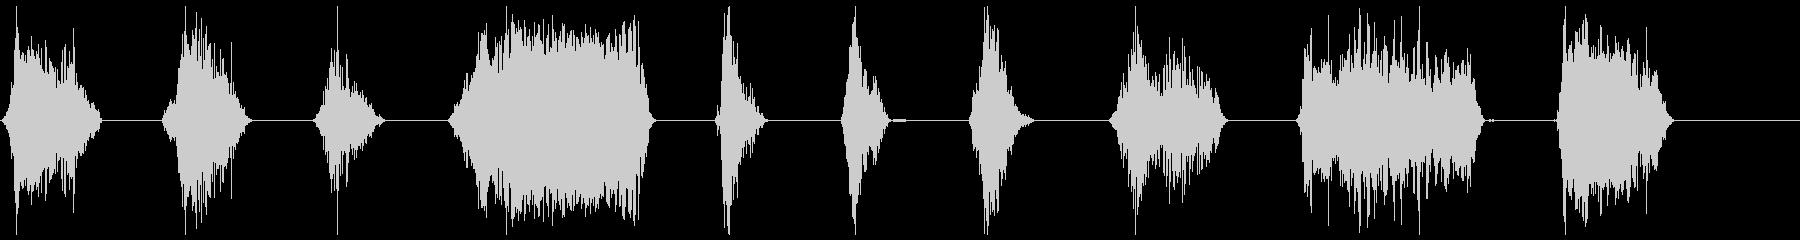 モンスター、タイプ2、Ro音21-30の未再生の波形